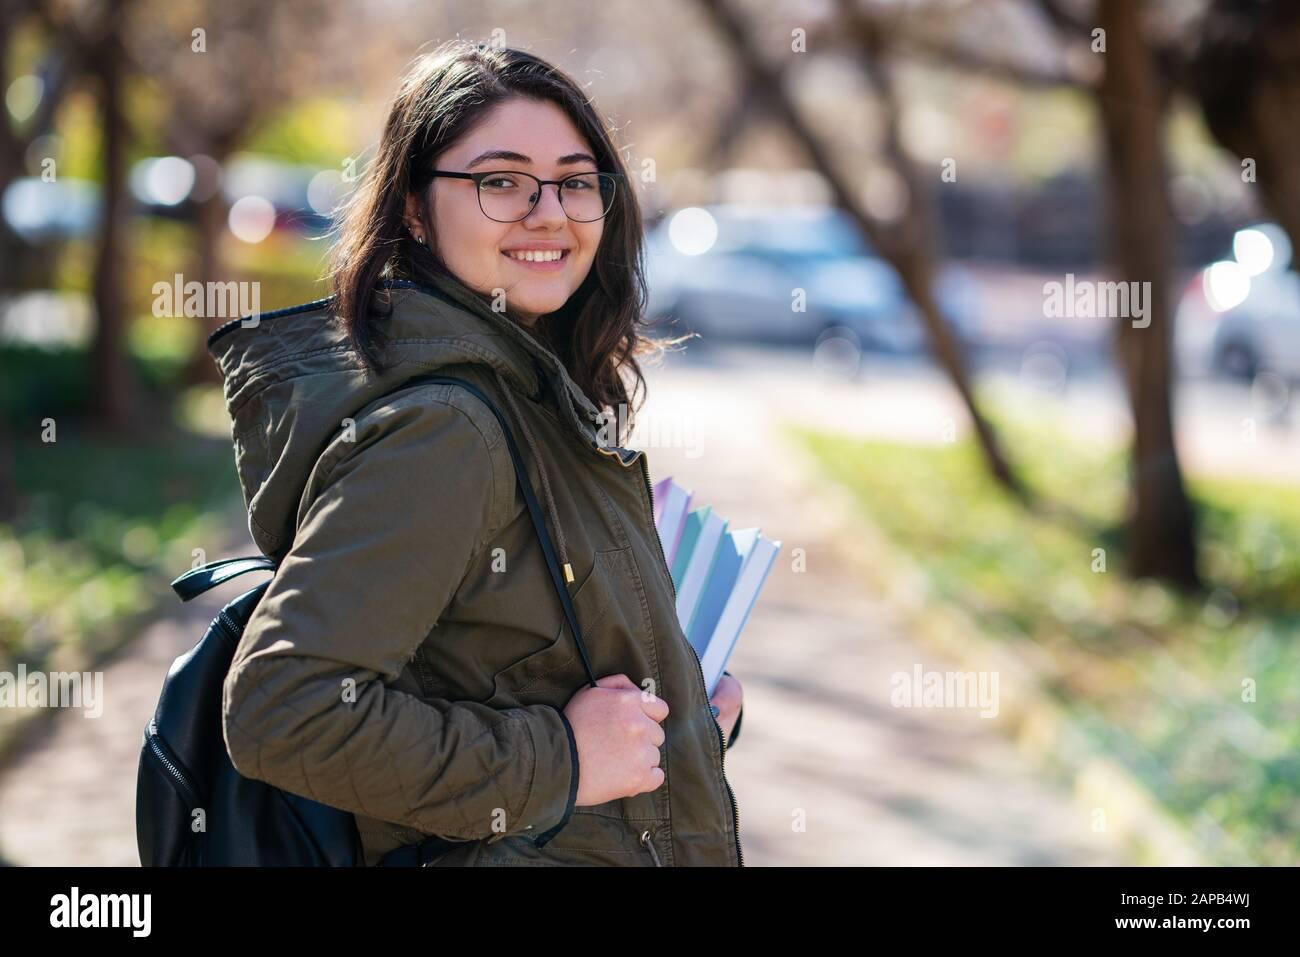 La joven intelectual se queda y mira a alguien en un parque con algunos libros en sus manos Foto de stock